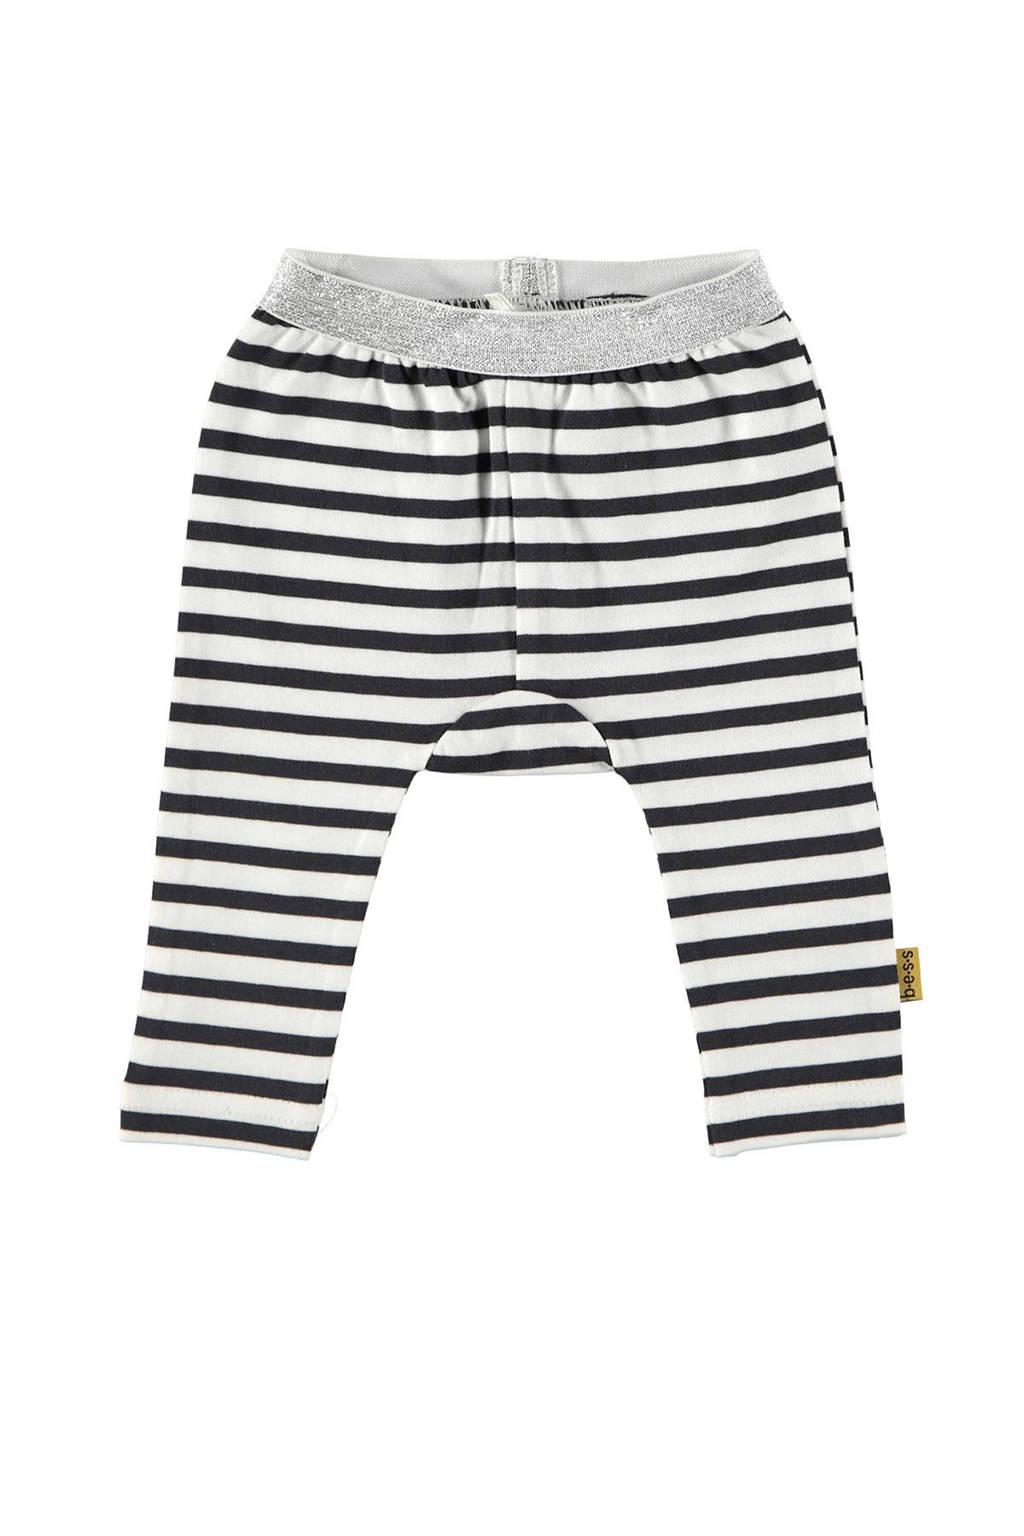 B.E.S.S baby gestreepte legging wit/ antraciet/ grijs, Wit/ antraciet/ grijs